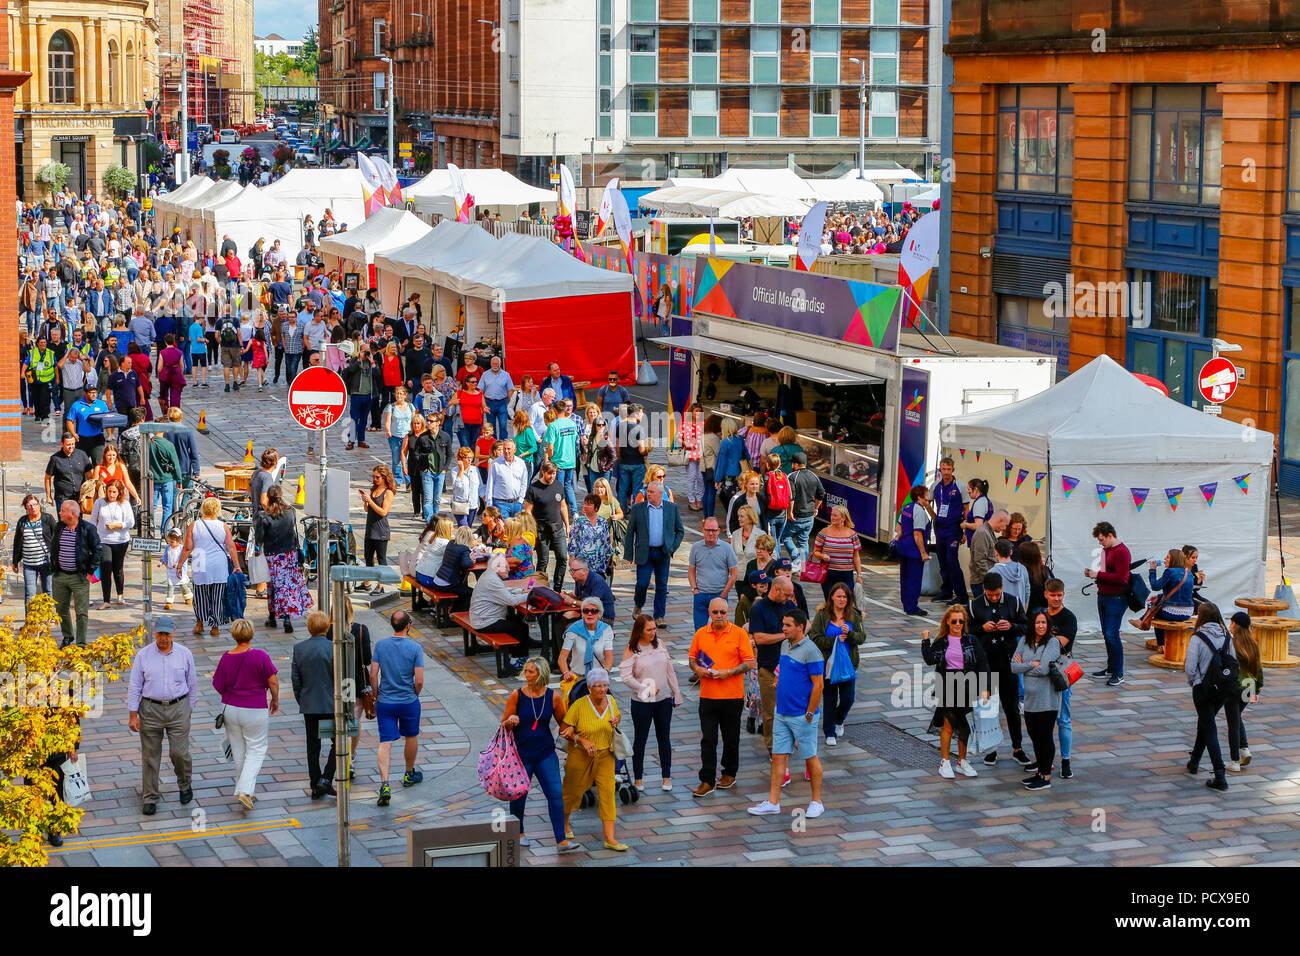 Glasgow, Regno Unito, 4 agosto 2018. Il primo giorno di Merchant City festival, migliaia hanno approfittato della calda serata estiva per godere gli artisti di strada, musicisti, ballerini e chioschi. Il festival, una manifestazione annuale, è in esecuzione allo stesso tempo come la European Games e si concluderà il 12 agosto Foto Stock